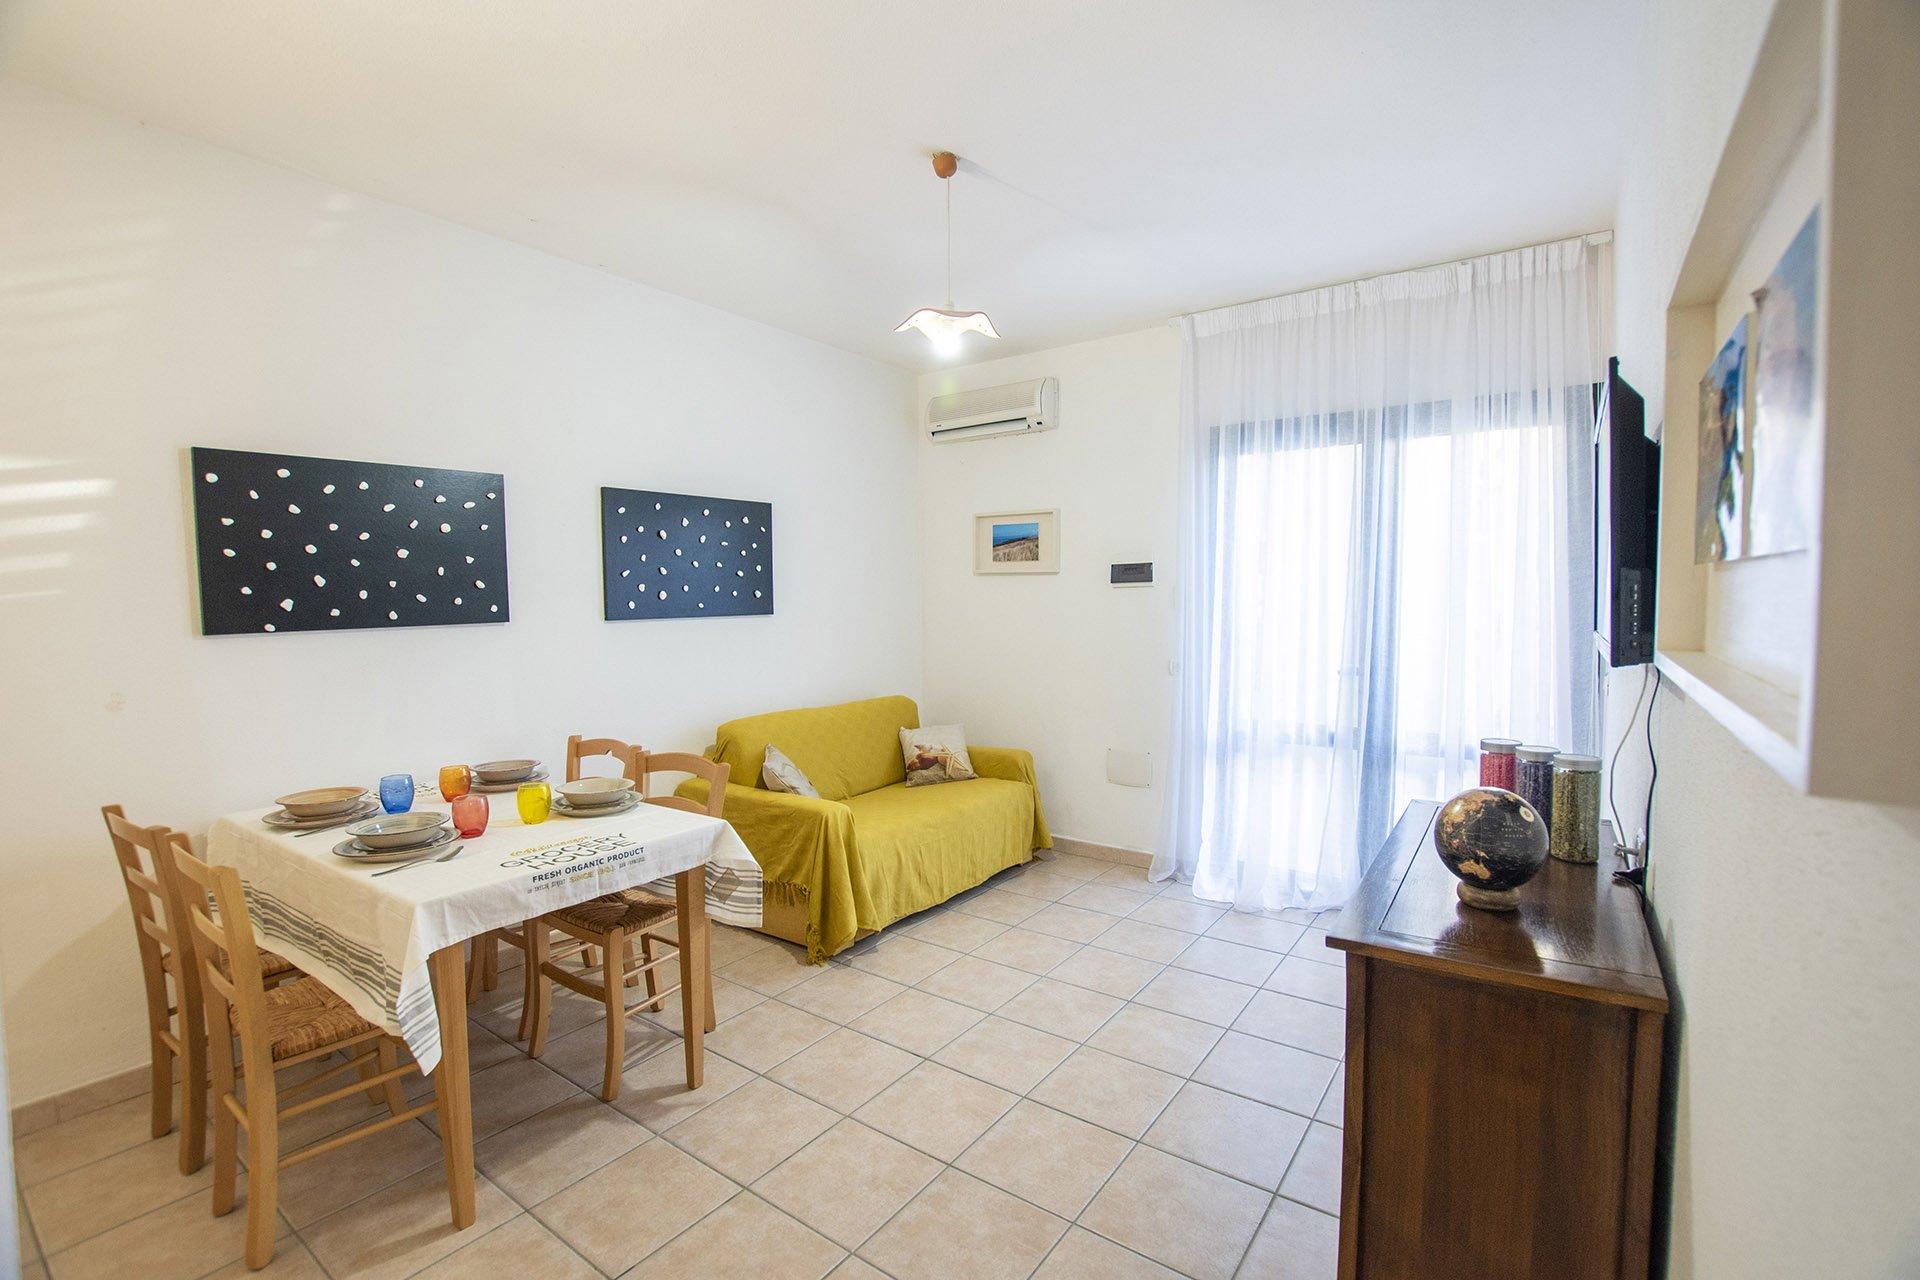 Appartamento in affitto a Valledoria, complesso residenziale con piscina, vicino al centro